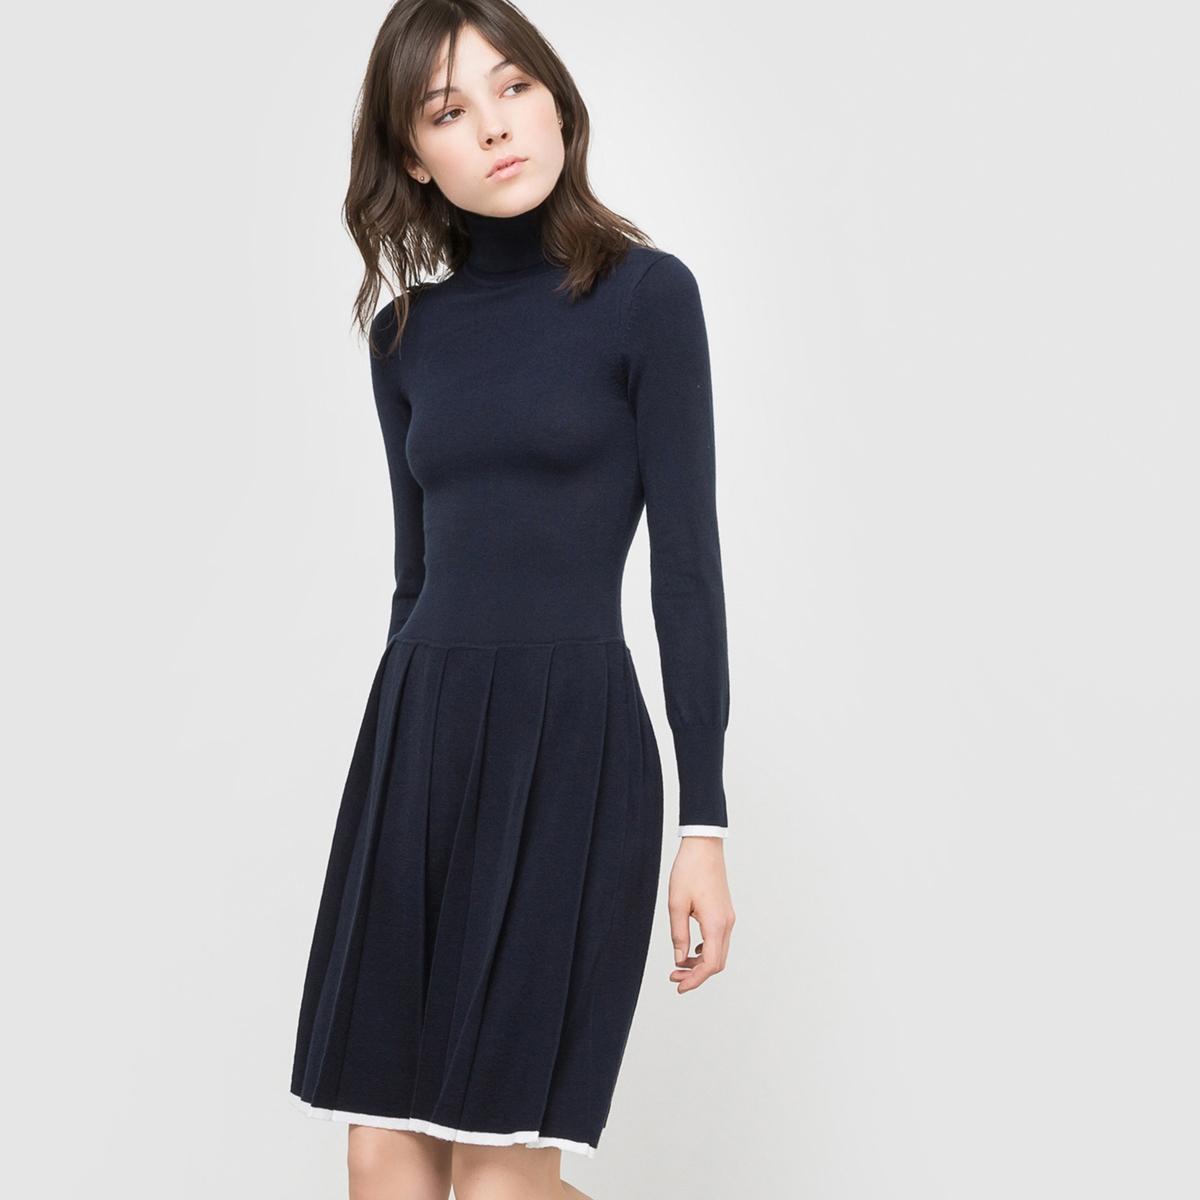 Платье-пуловер из трикотажаСостав и описание:Материал: трикотаж, 80% акрила, 20% полиамида.Длина: 94 см.Марка: R ?dition.   Уход:Машинная стирка при 30° с одеждой такого же цвета.<br><br>Цвет: темно-синий/экрю